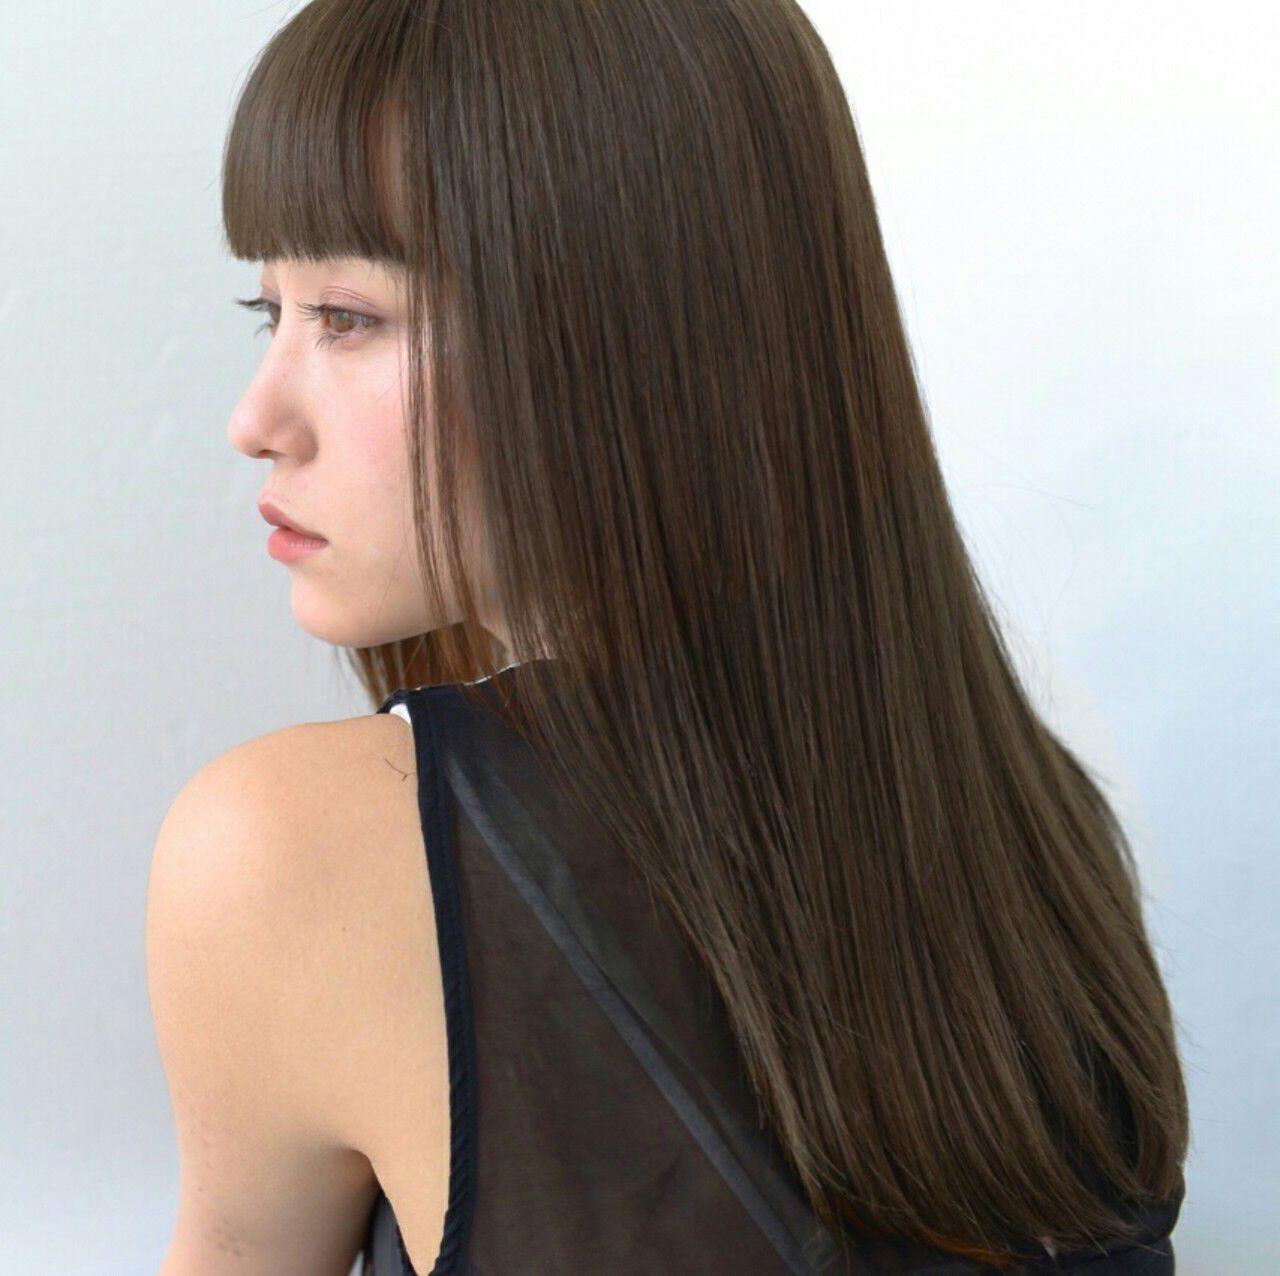 アッシュ グレージュ 前髪あり セミロングヘアスタイルや髪型の写真・画像